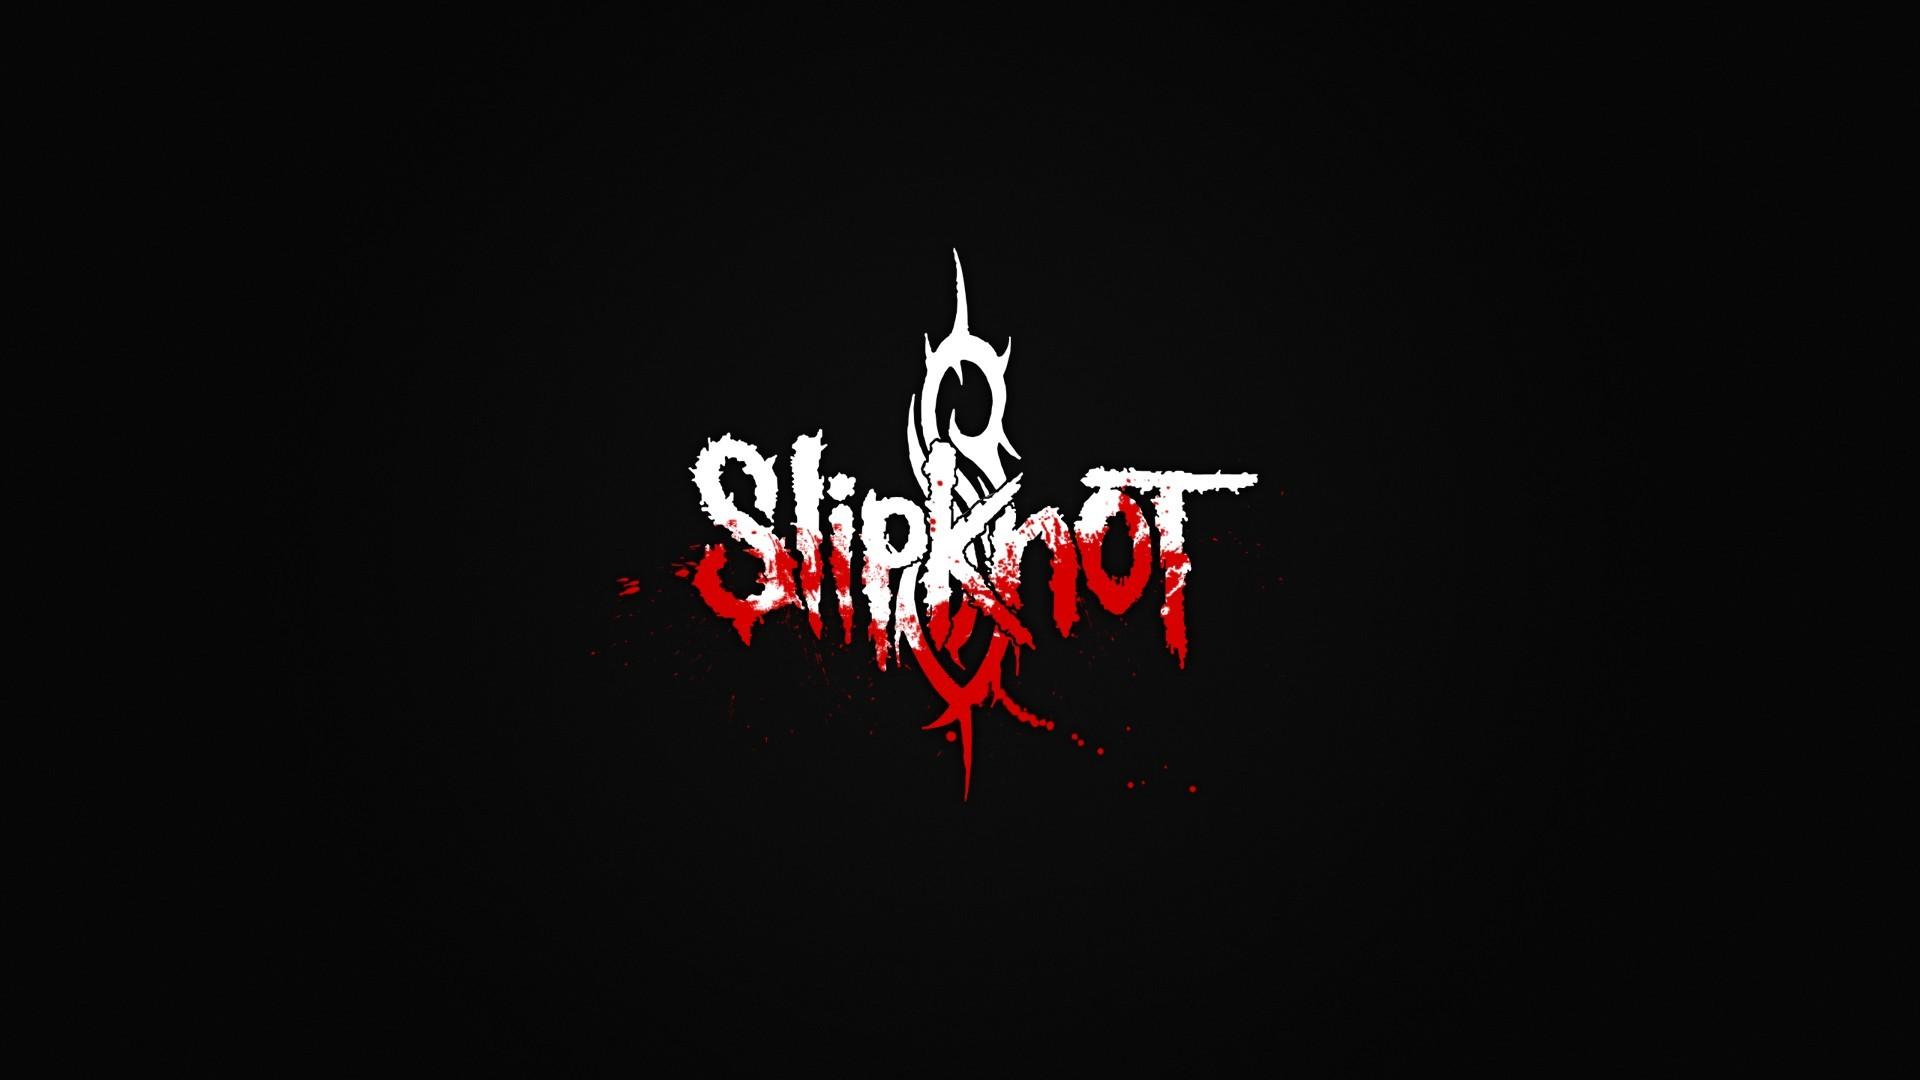 Slipknot Wallpaper 685 1920x1080